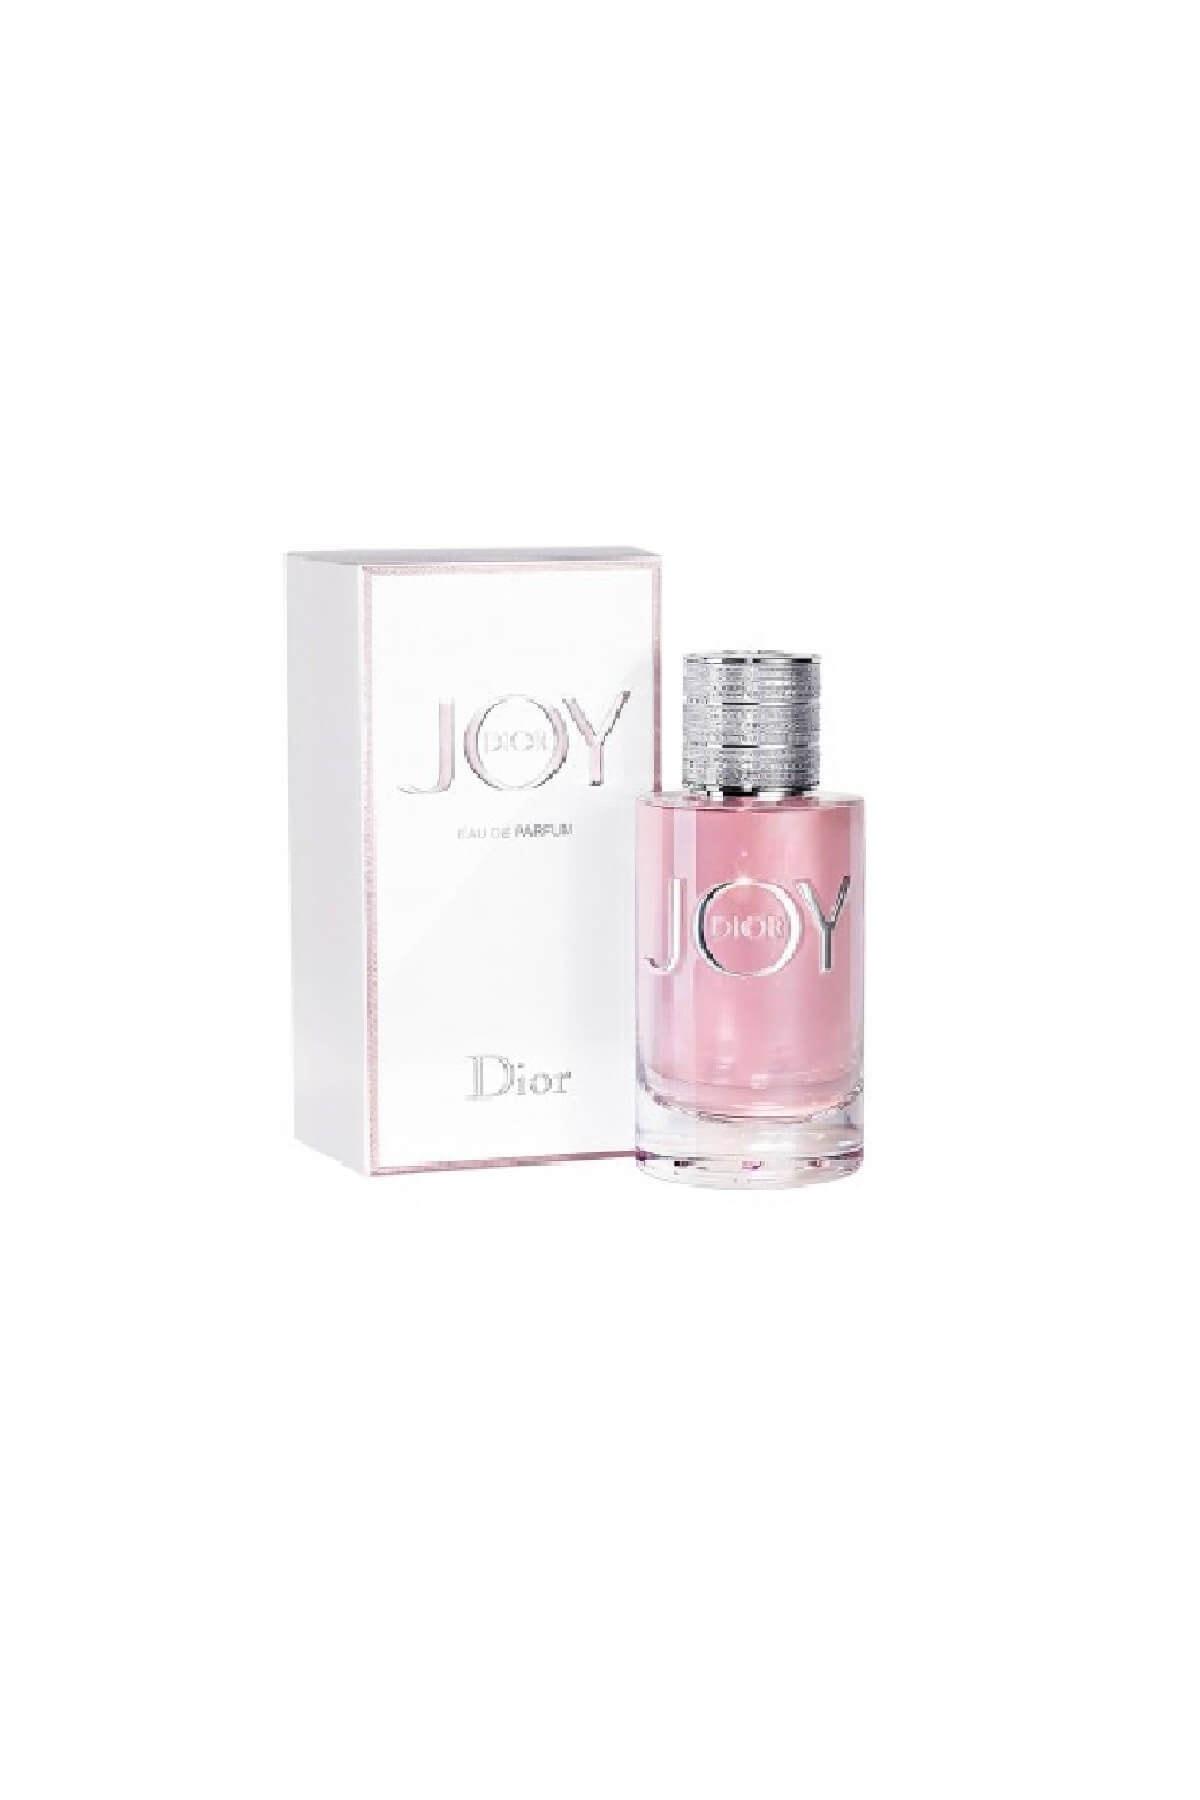 Christian Dior Joy Edp 50 Ml Kadın Parfümü 3348901419086 1